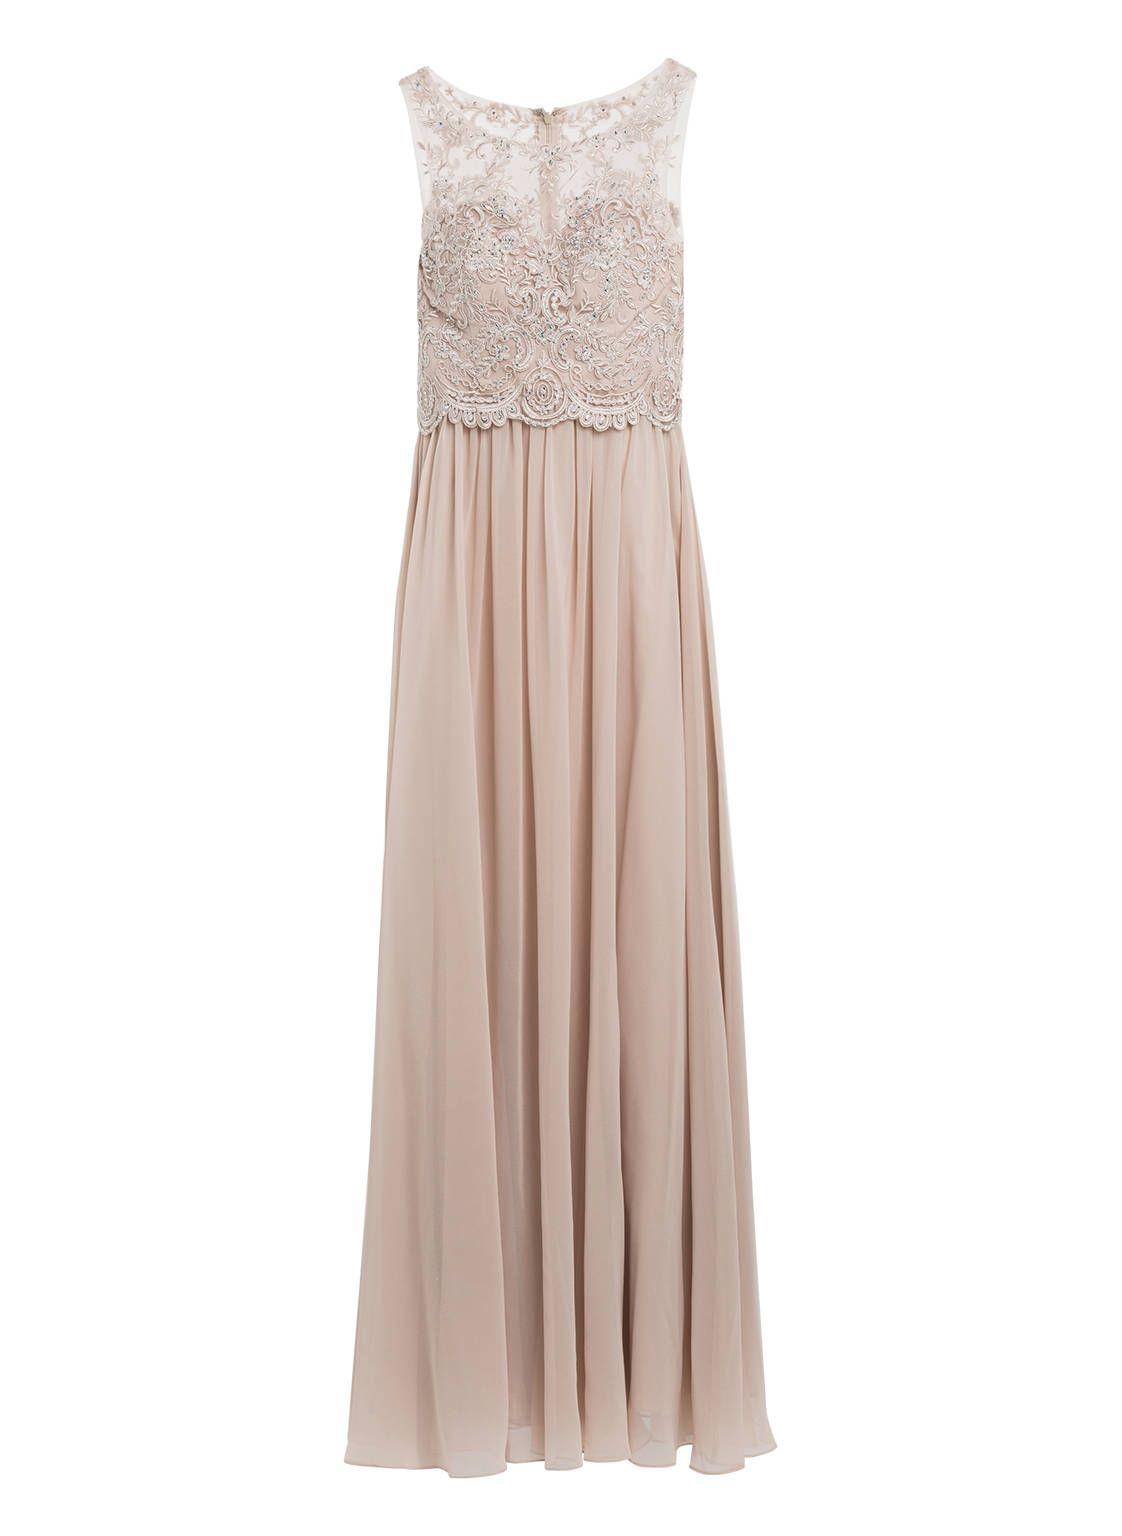 Abendkleid von LAONA bei Breuninger kaufen in 12  Abendkleider